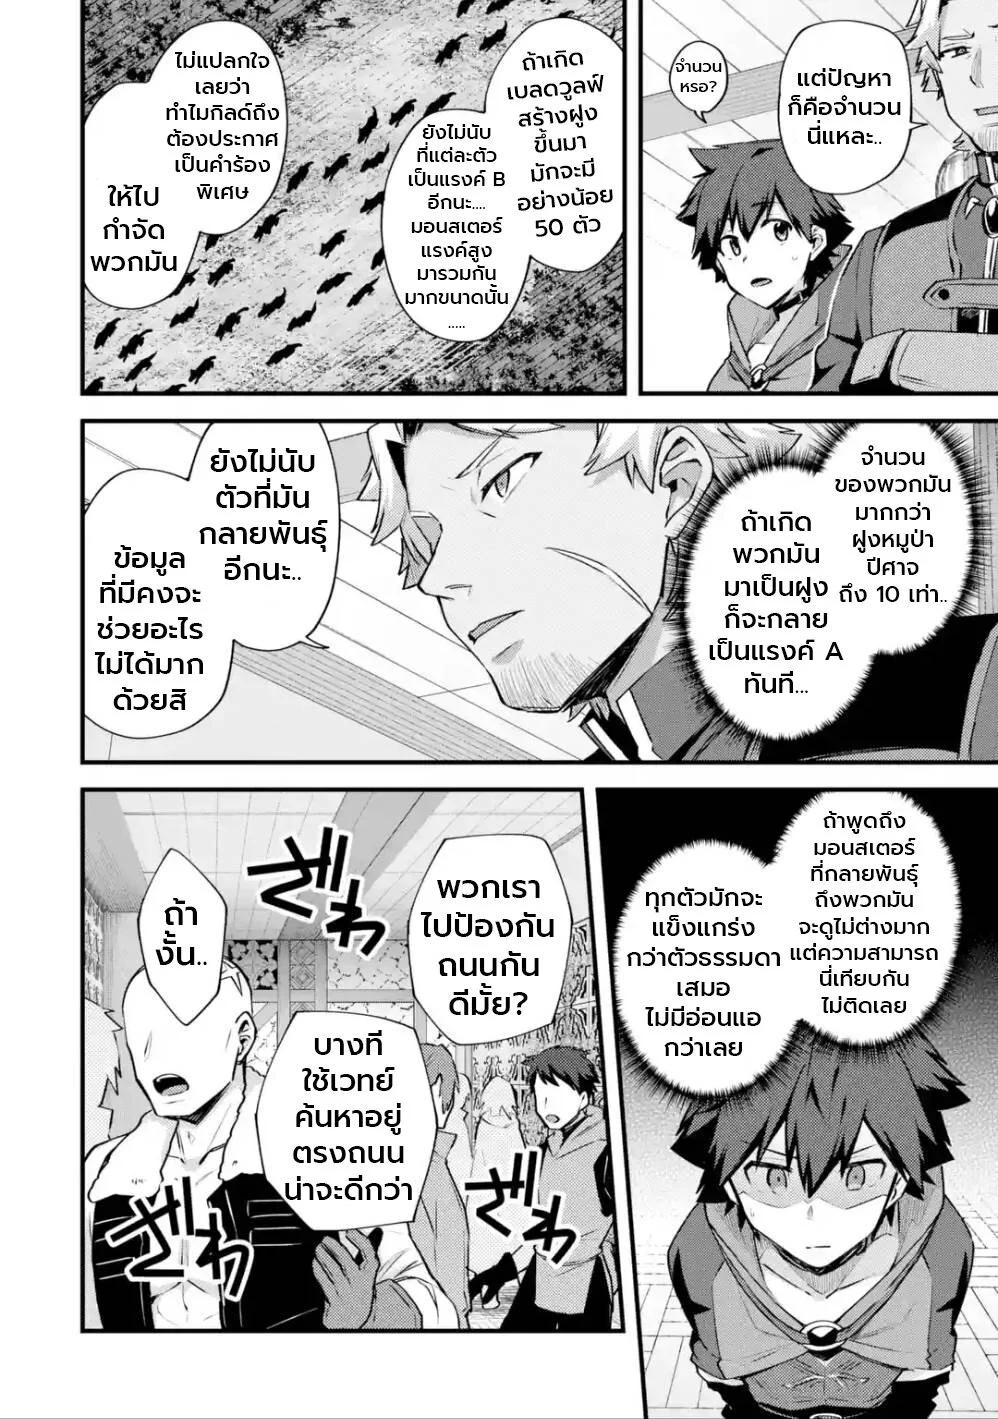 อ่านการ์ตูน Nido Tensei Shita Shounen wa S Rank Boukensha Toshite Heion ni Sugosu-zense ga kenja de eiyuu datta boku wa raisede wa jimini ikiru ตอนที่ 18 หน้าที่ 12